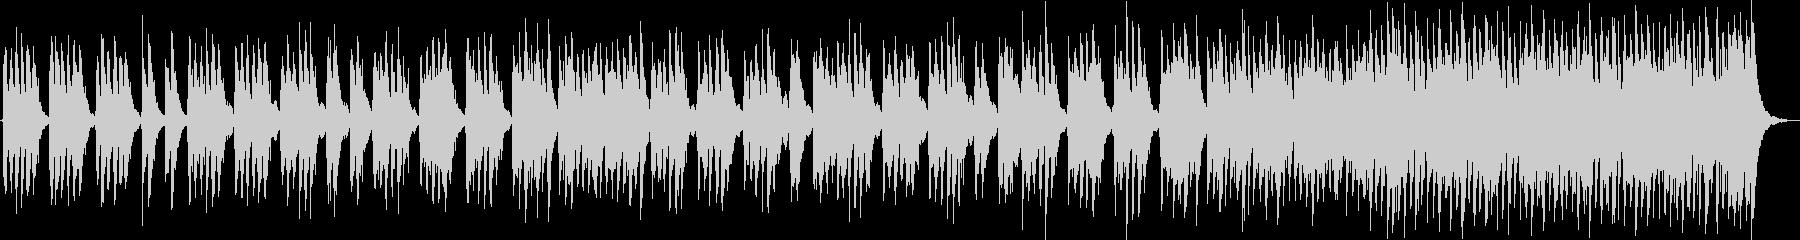 ファニーアップビート・オーケストラーの未再生の波形